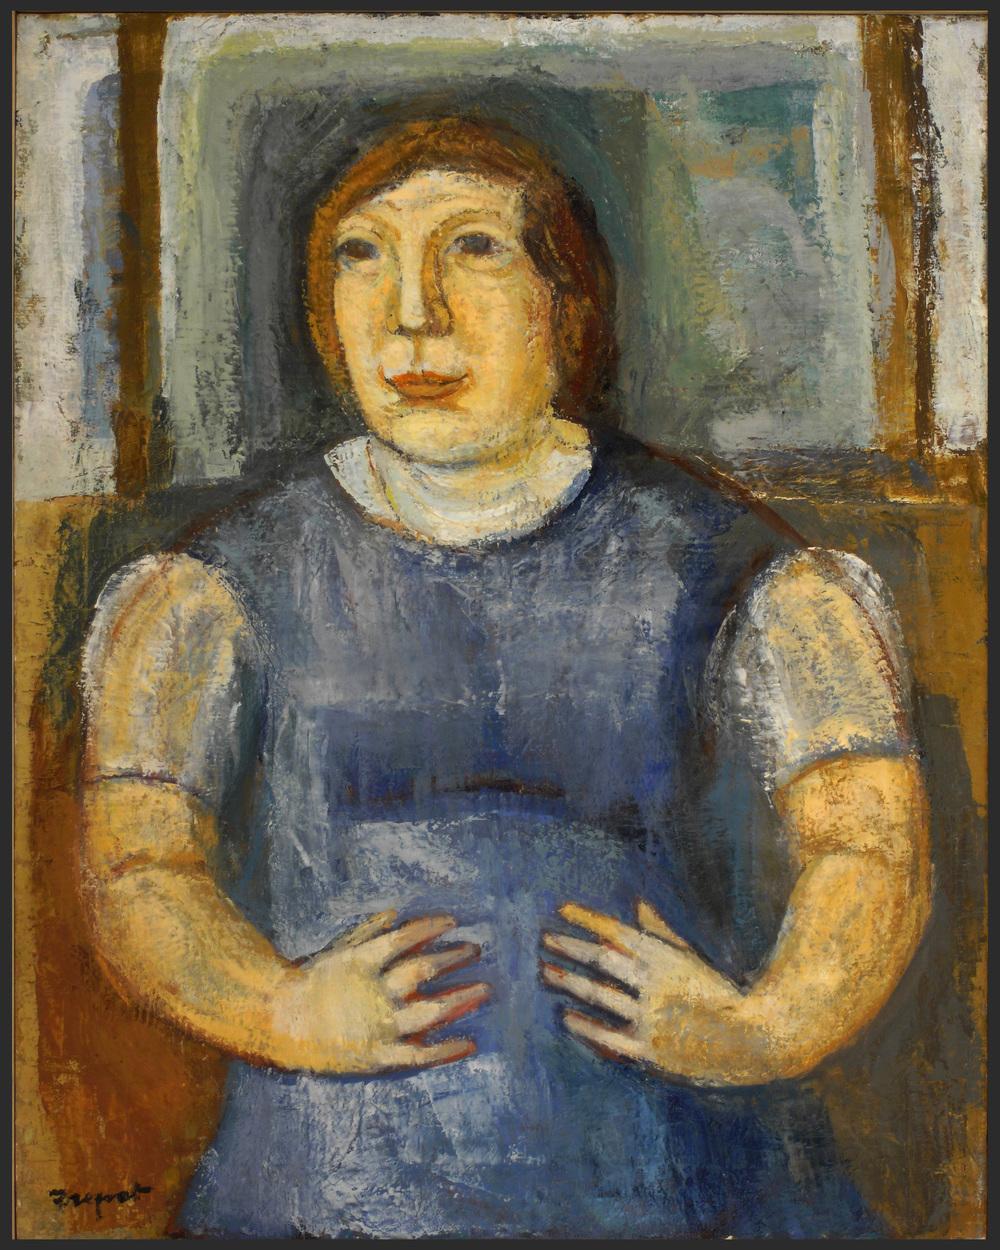 Senyora Antonia·1984